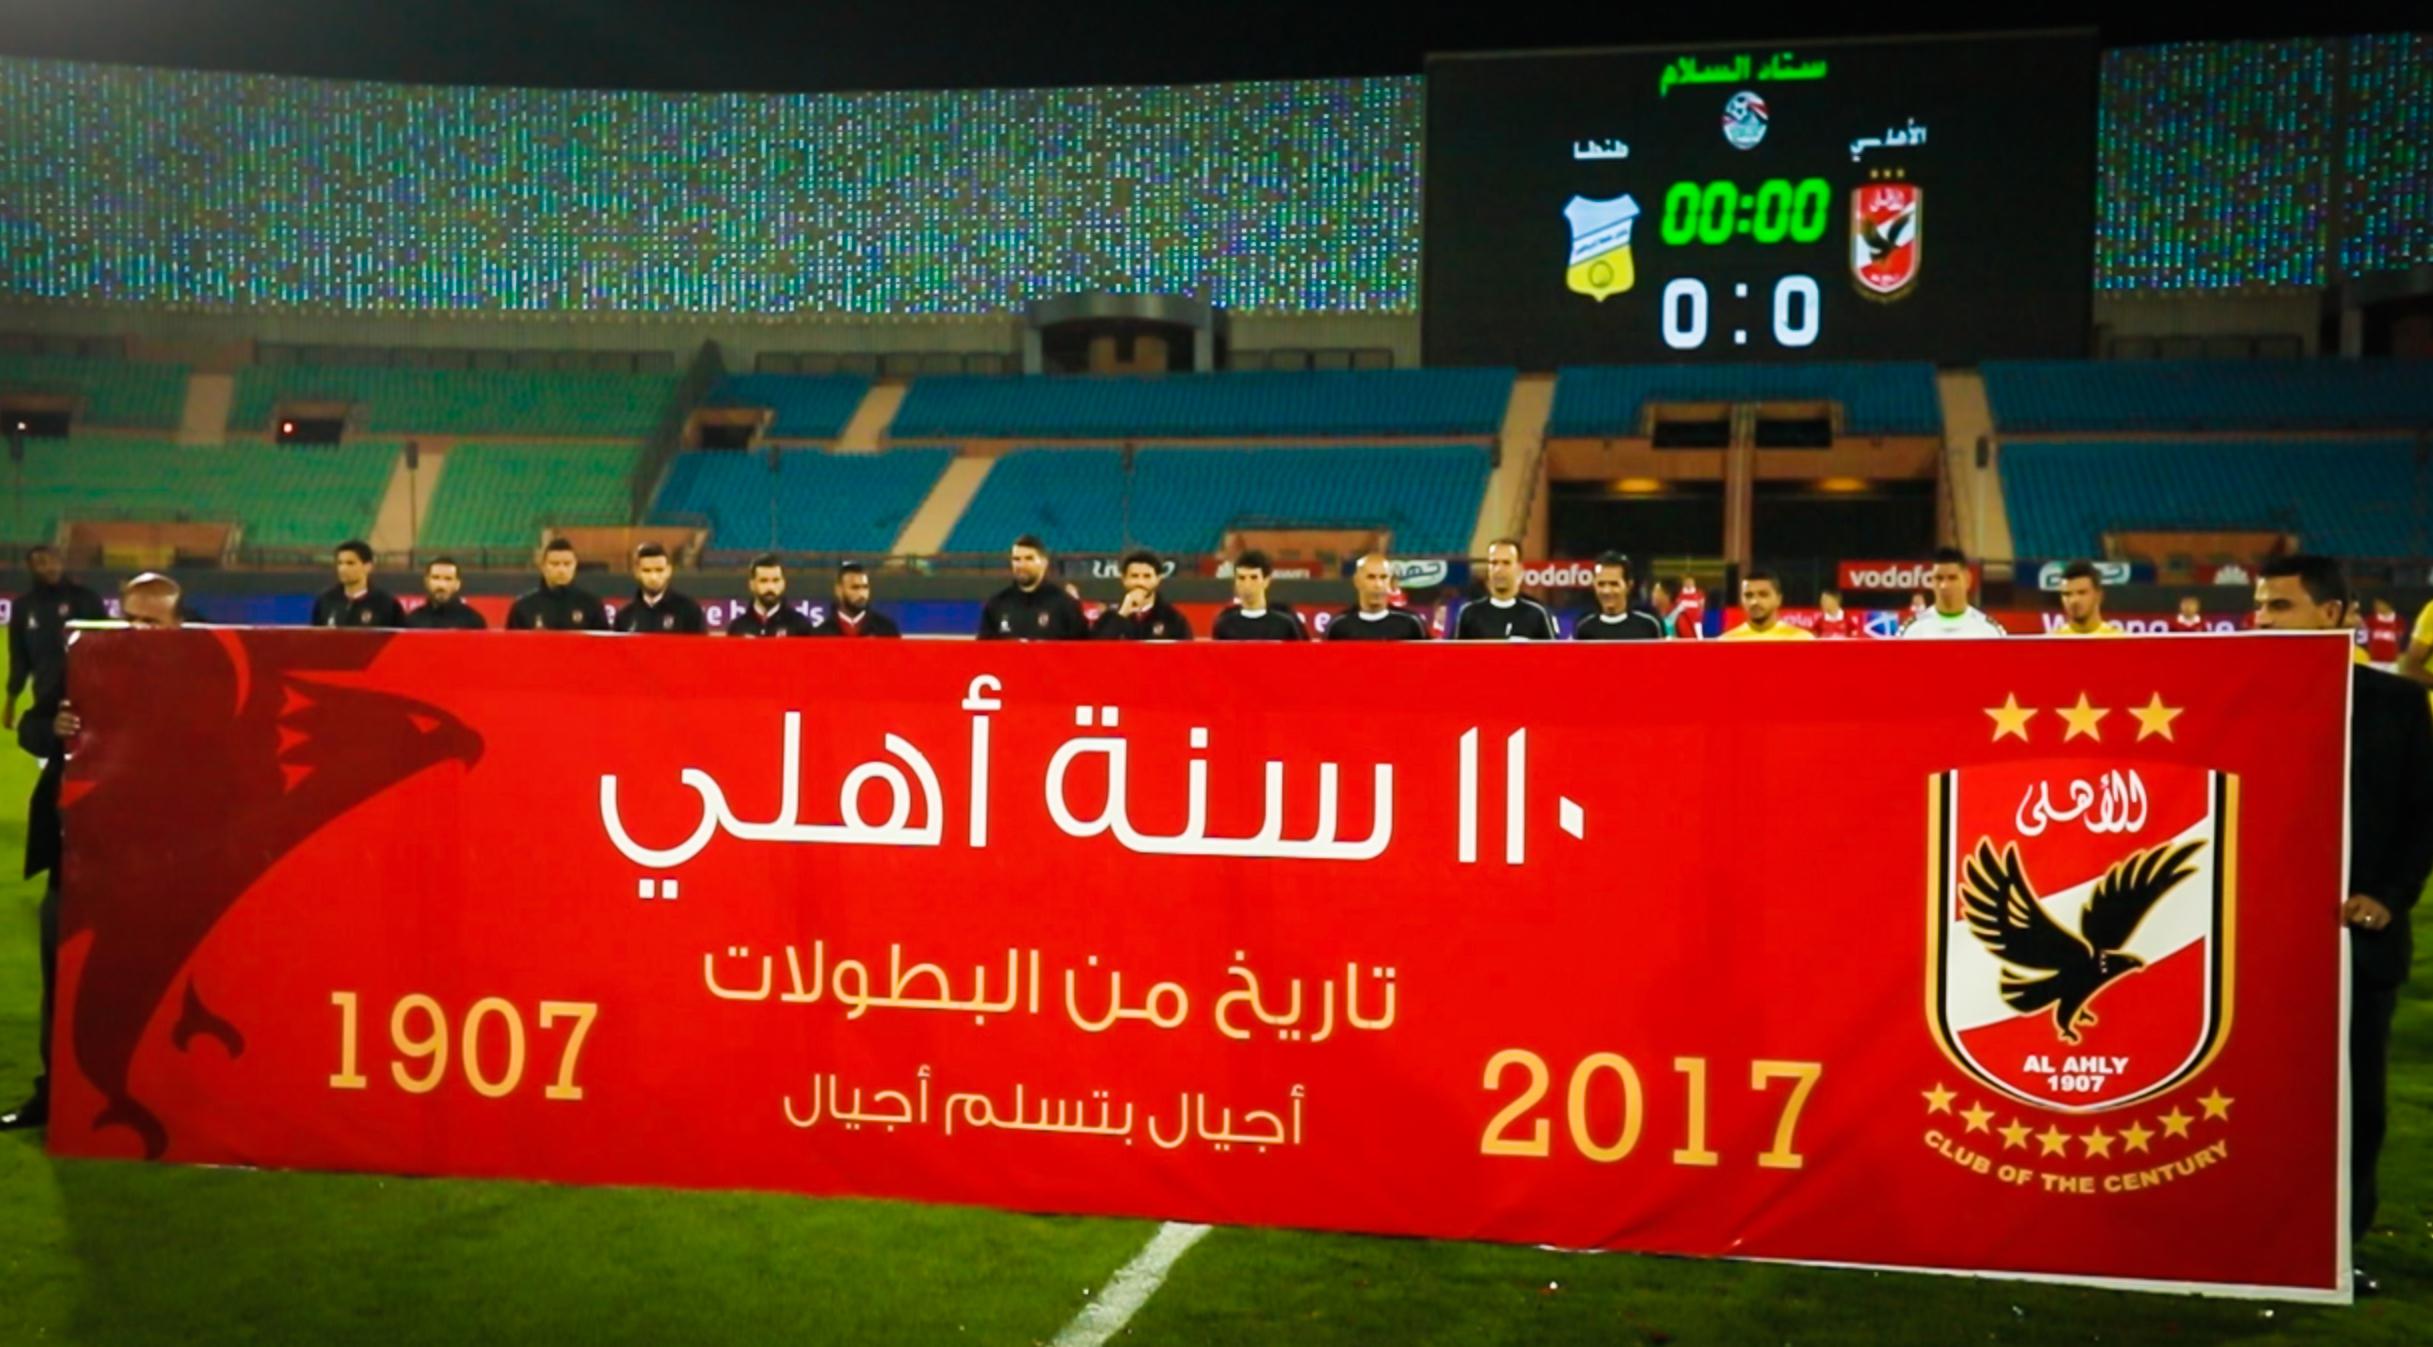 الأهلي يحتفل بمرور 110 سنة على تأسيسه قبل مباراة طنطا